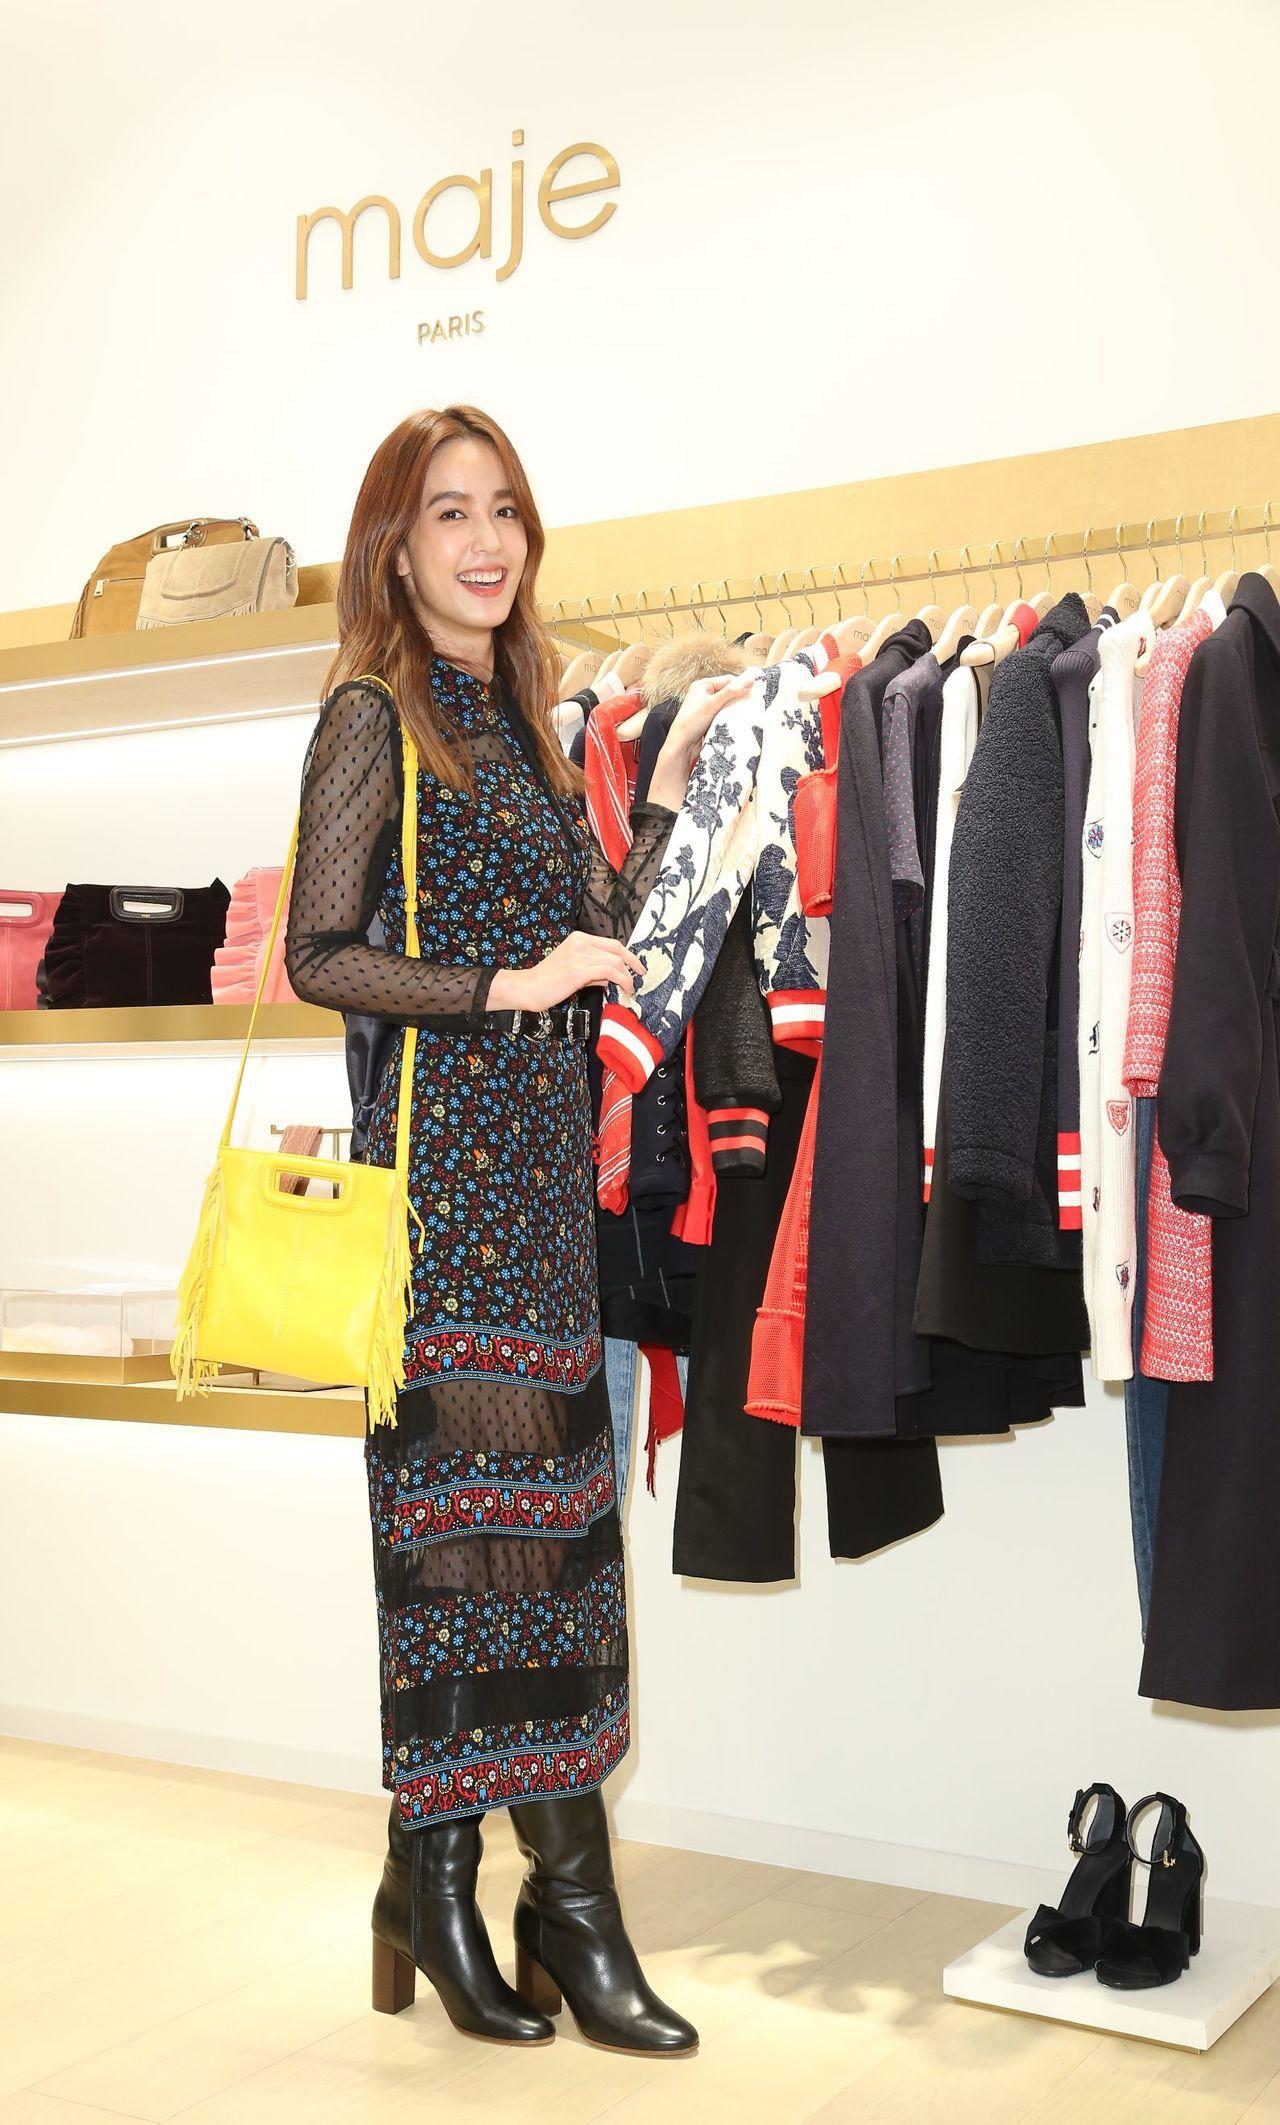 陳庭妮選擇黃色M Bag配襯印花蕾絲鏤空裙裝穿出跳色效果。記者陳立凱/攝影